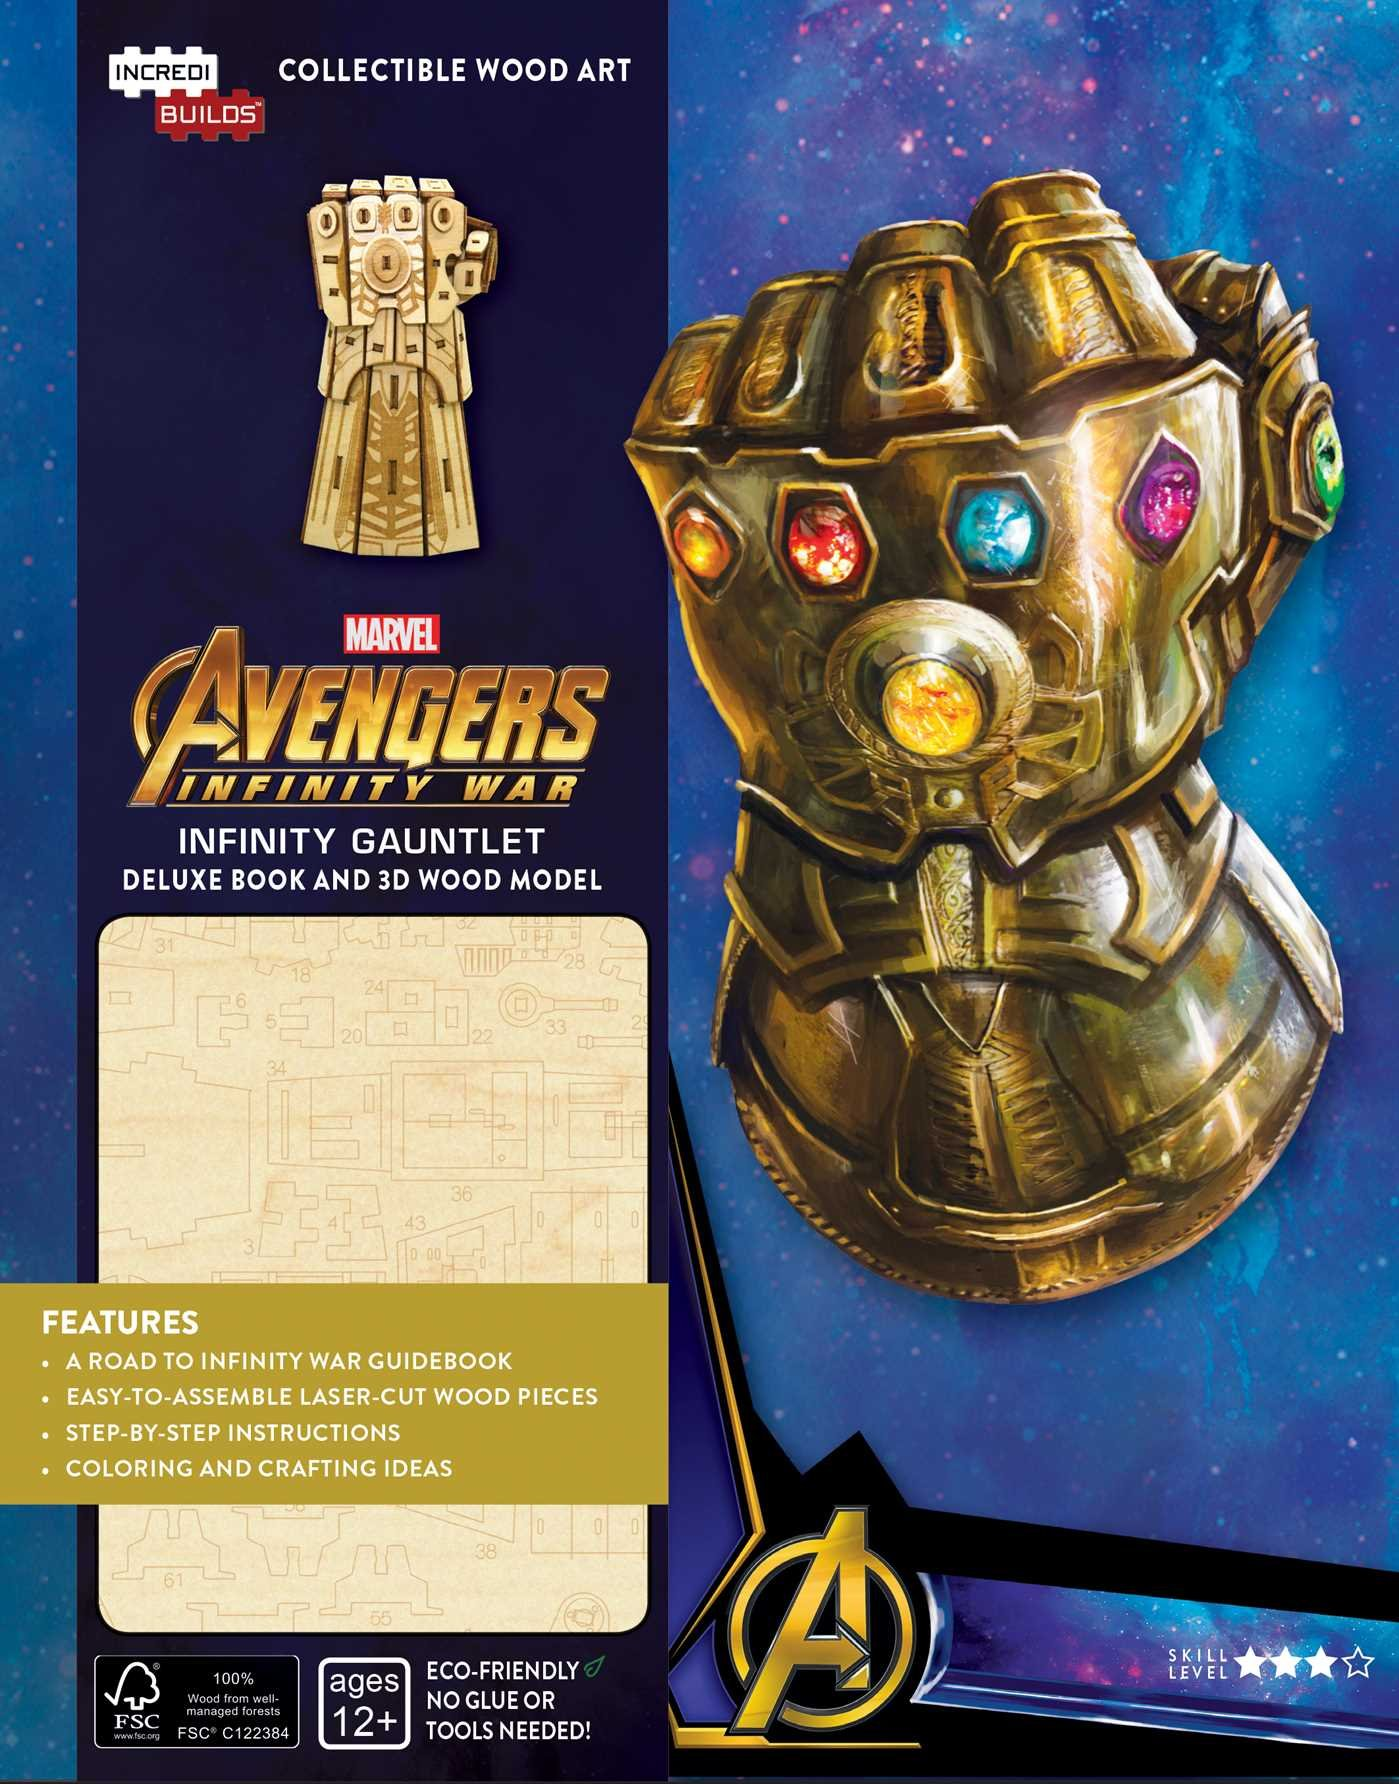 New Avengers: Infinity War art pops up – Appocalypse